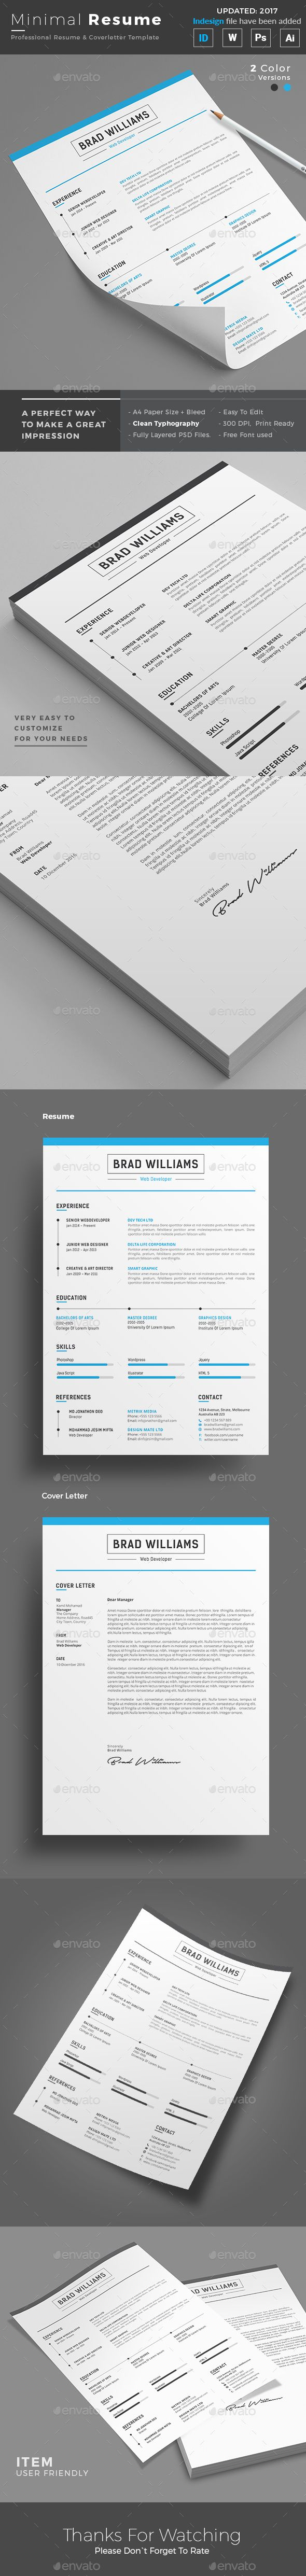 Resume 53 best CV images on Pinterest